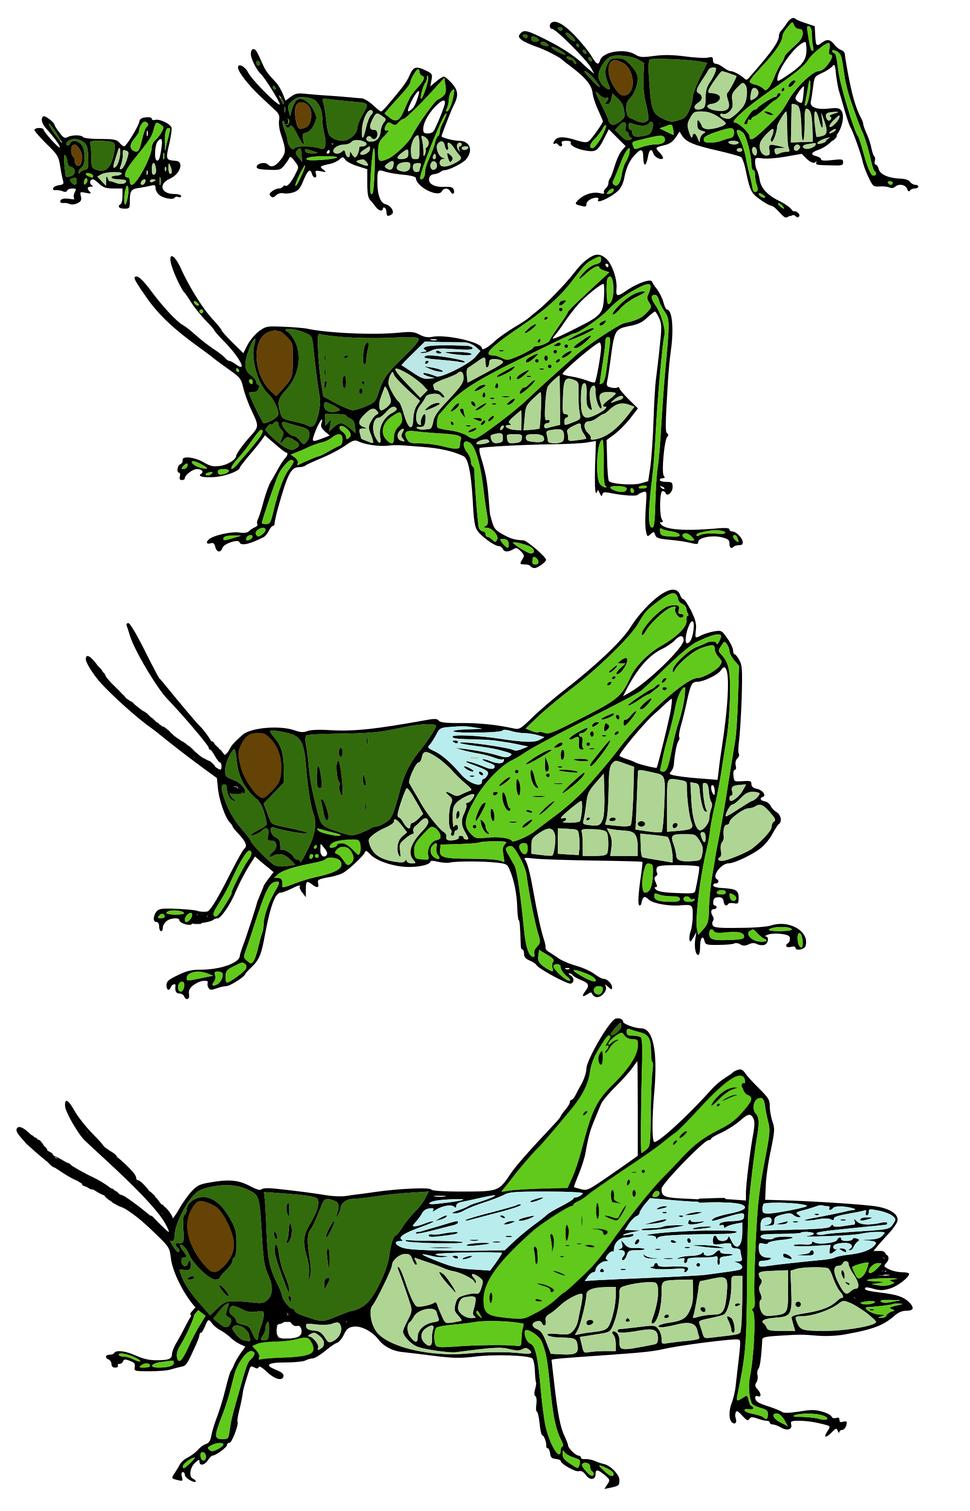 Неполный метаморфоз насекомых.png&filetimestamp=20130820051856&